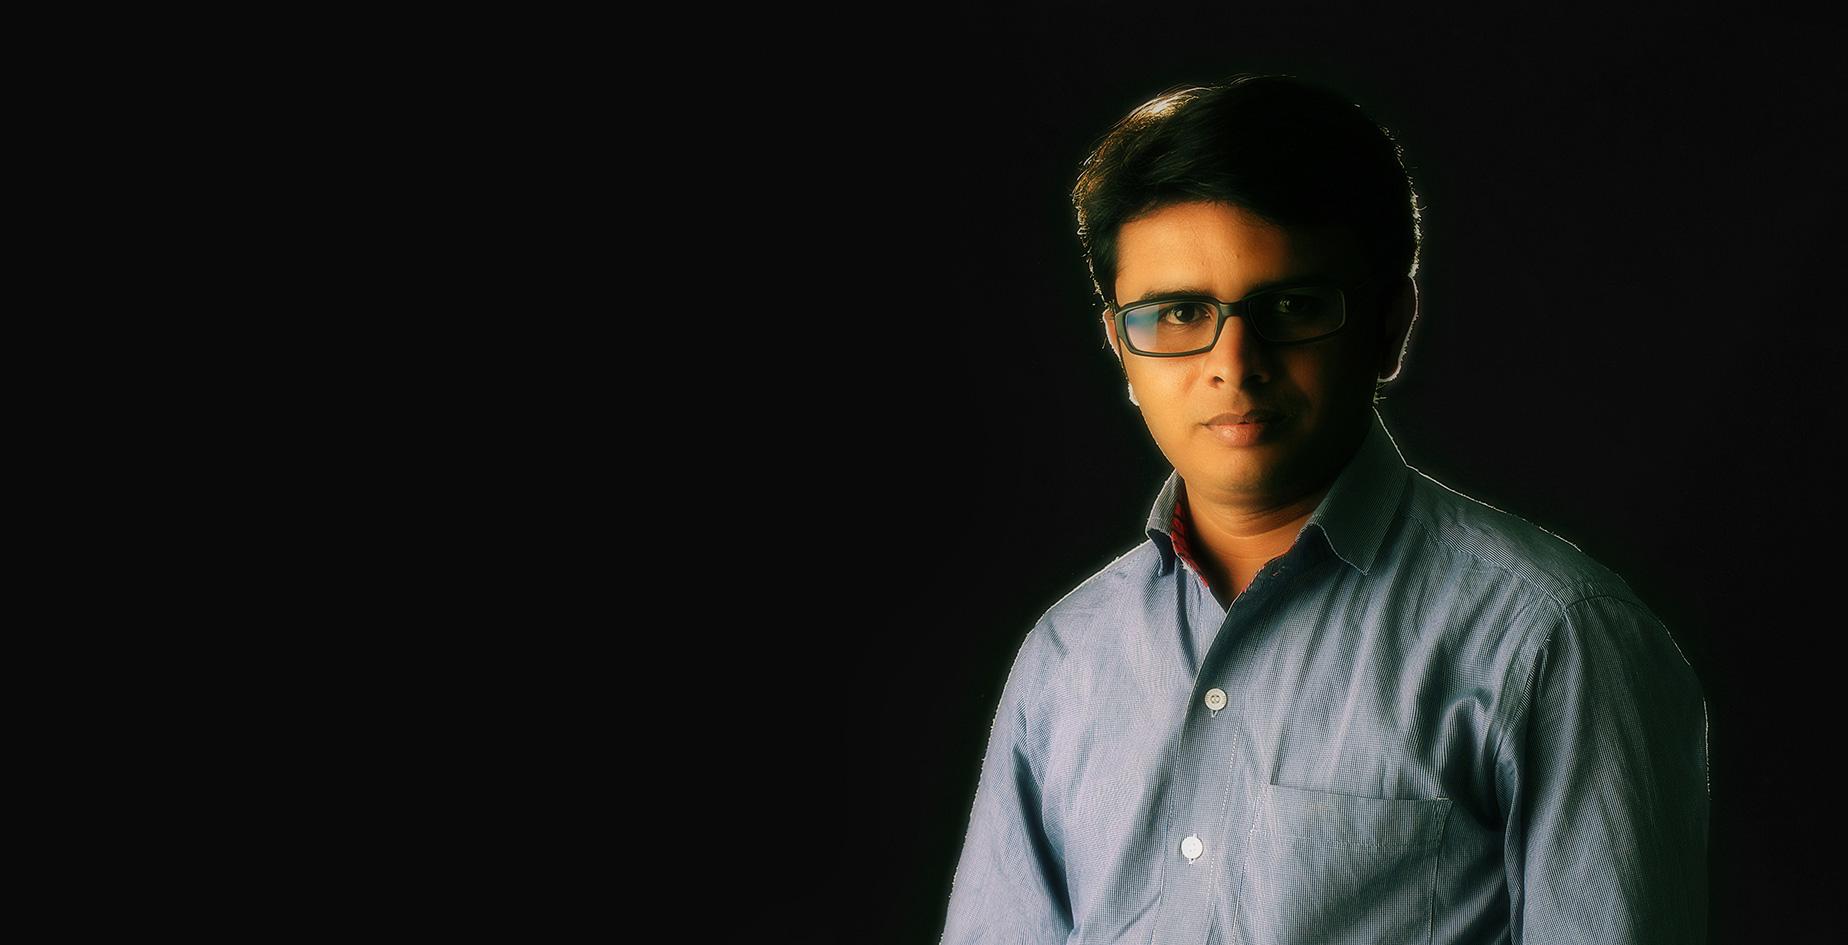 mahesh_keshur_web_image.jpg